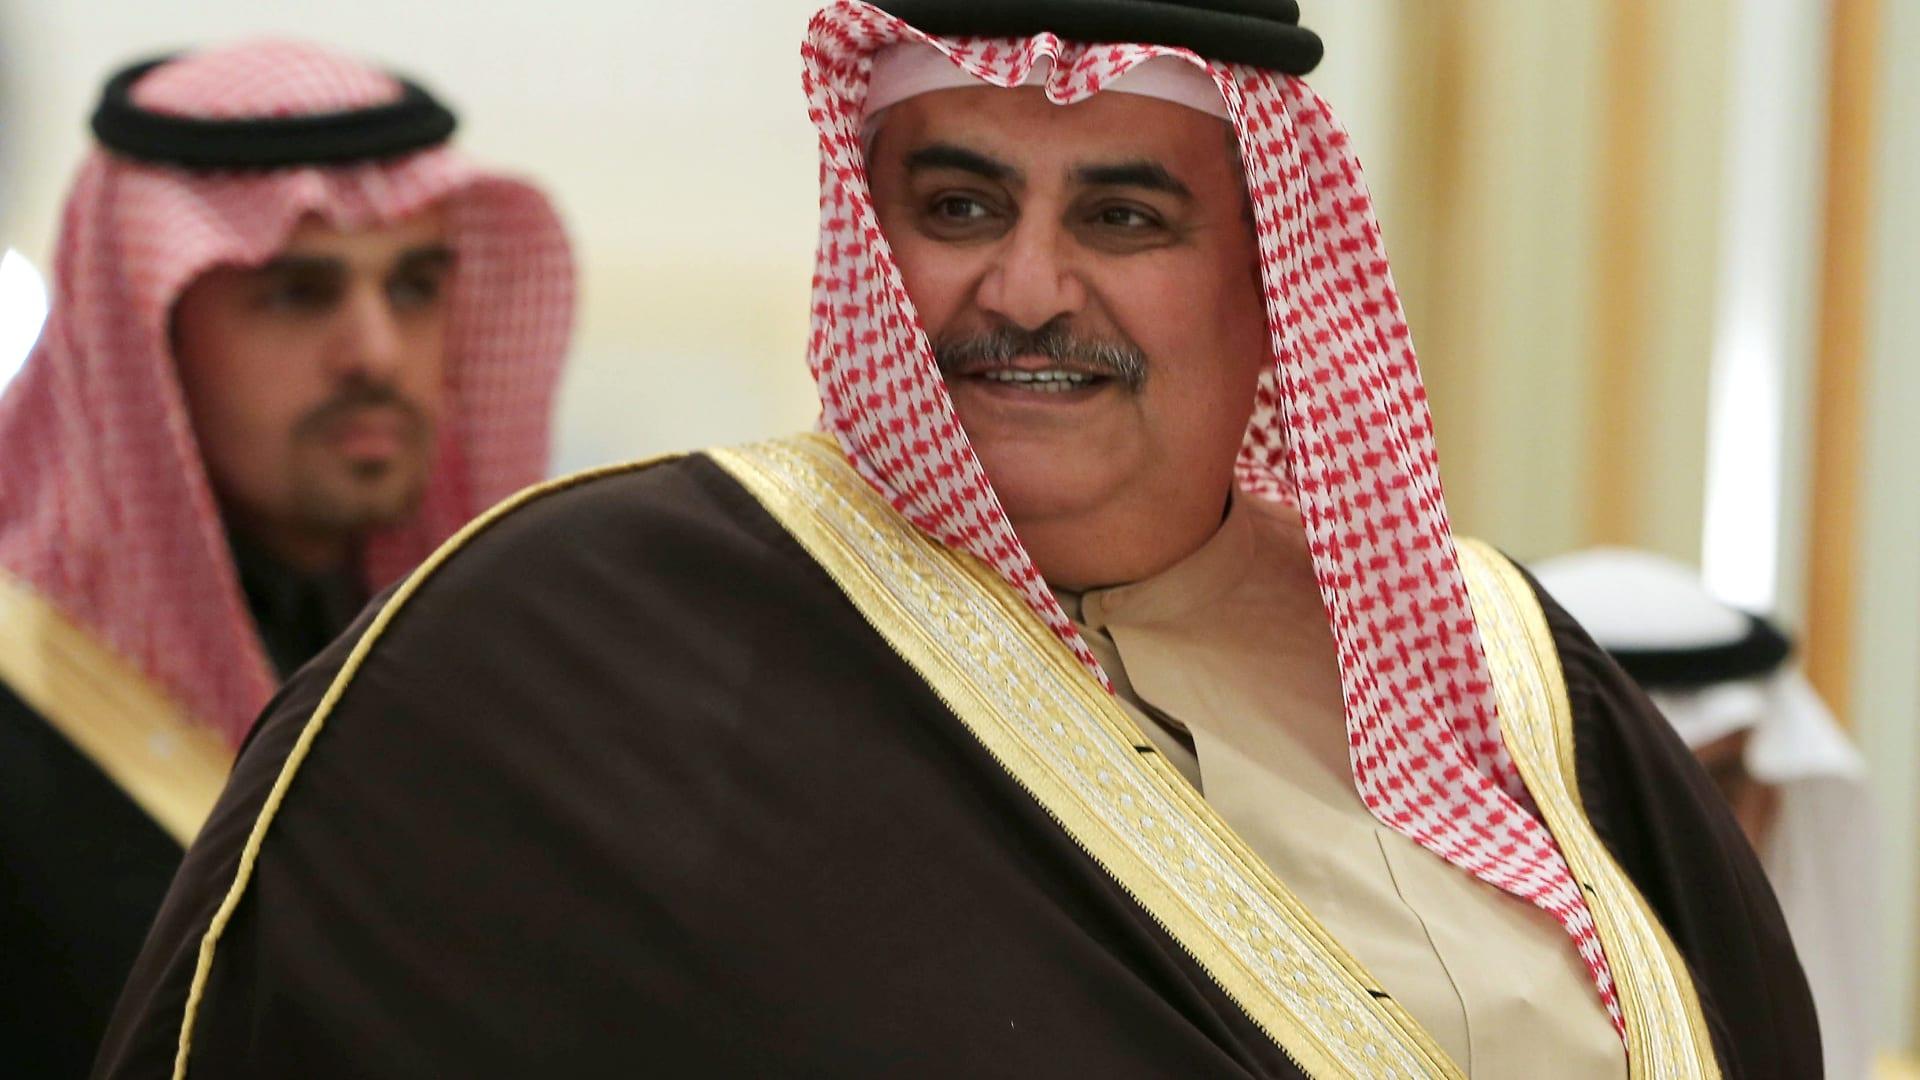 قوة البحرين العسكرية تتراجع عالمياً وتسبق قطر إقليمياً